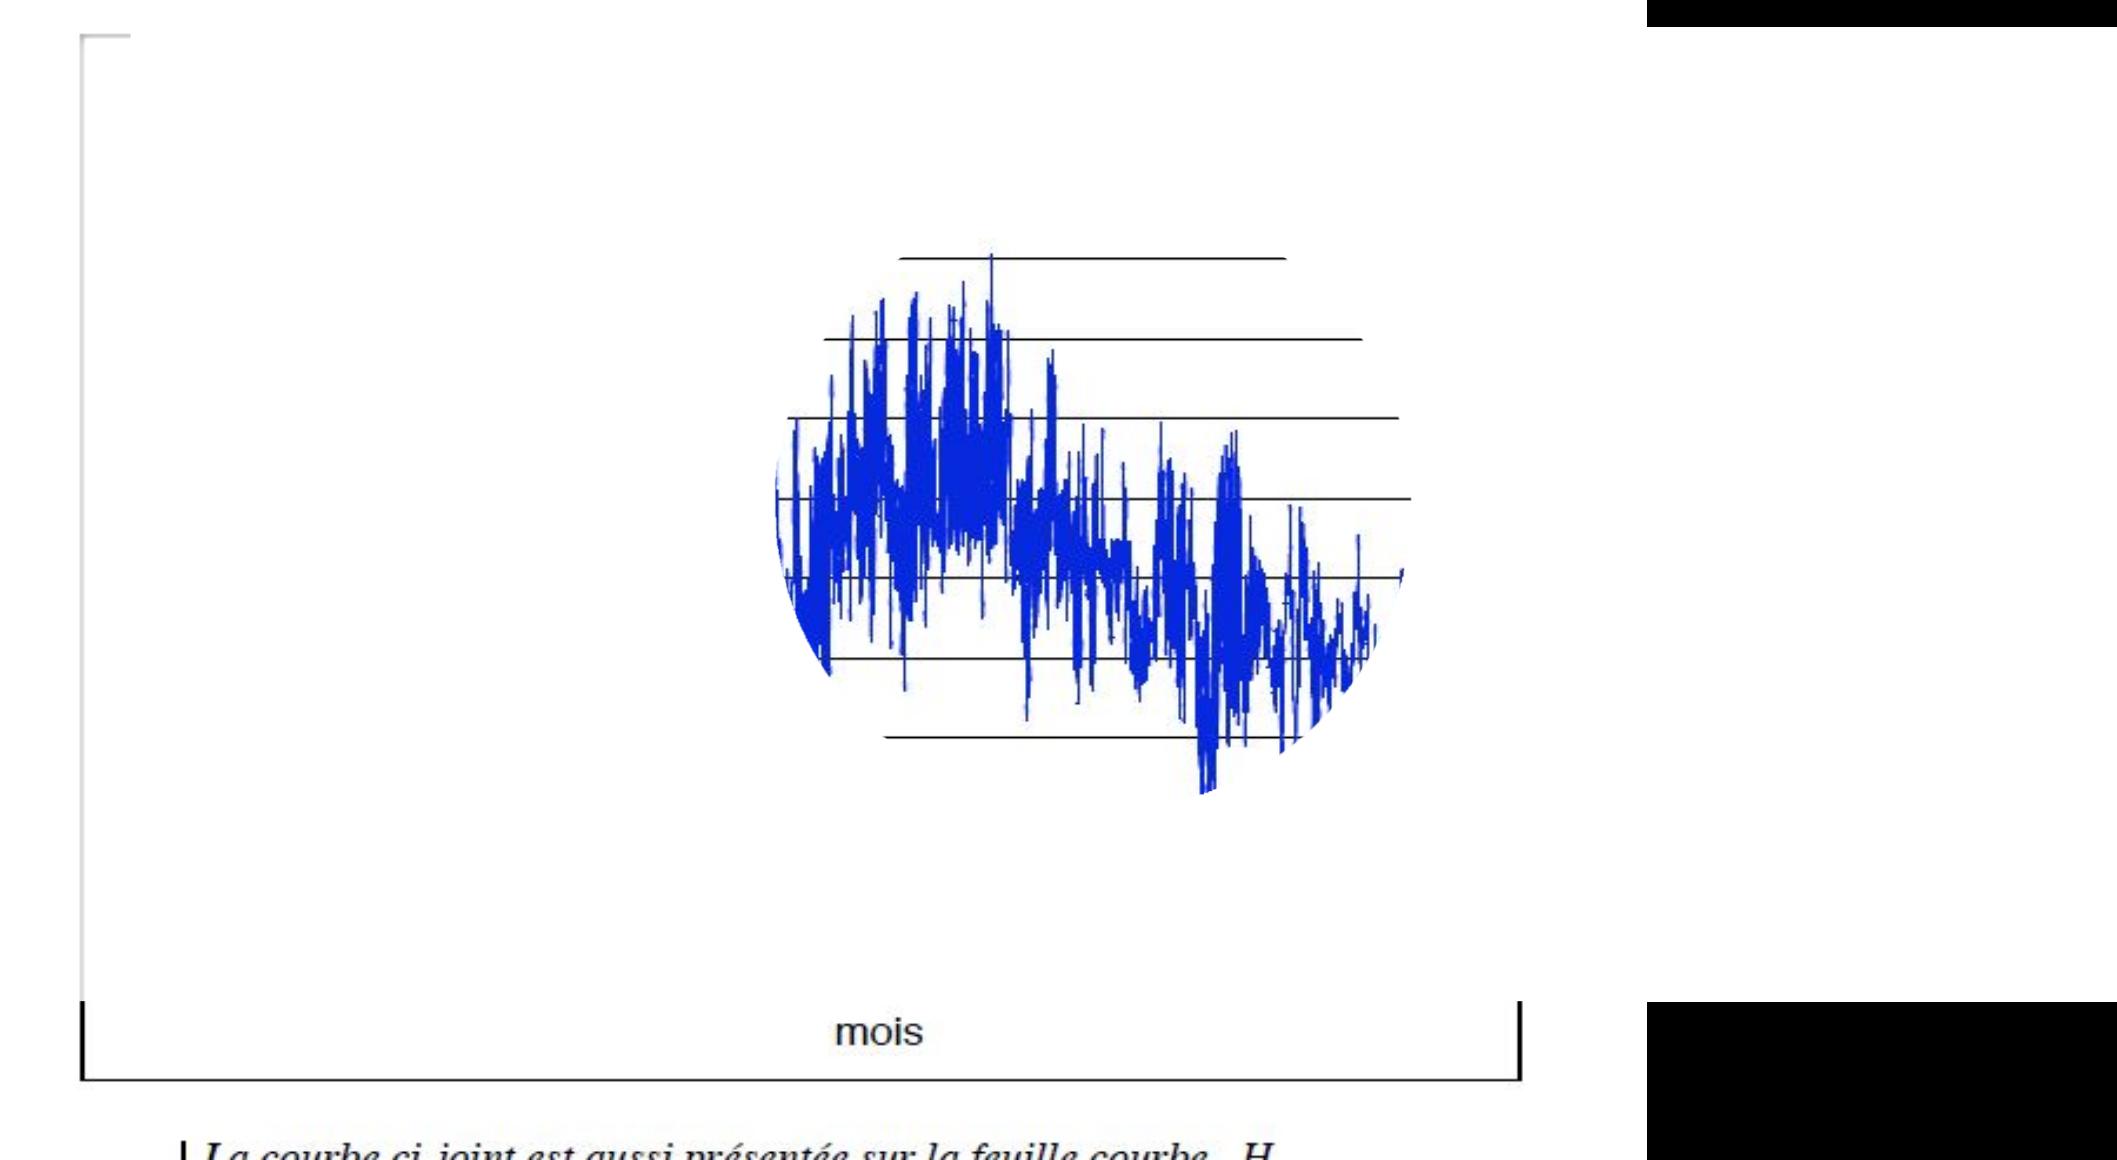 Utilisation de la régression linéaire et de l'étude des séries chronologiques appliquées aux données météorologiques